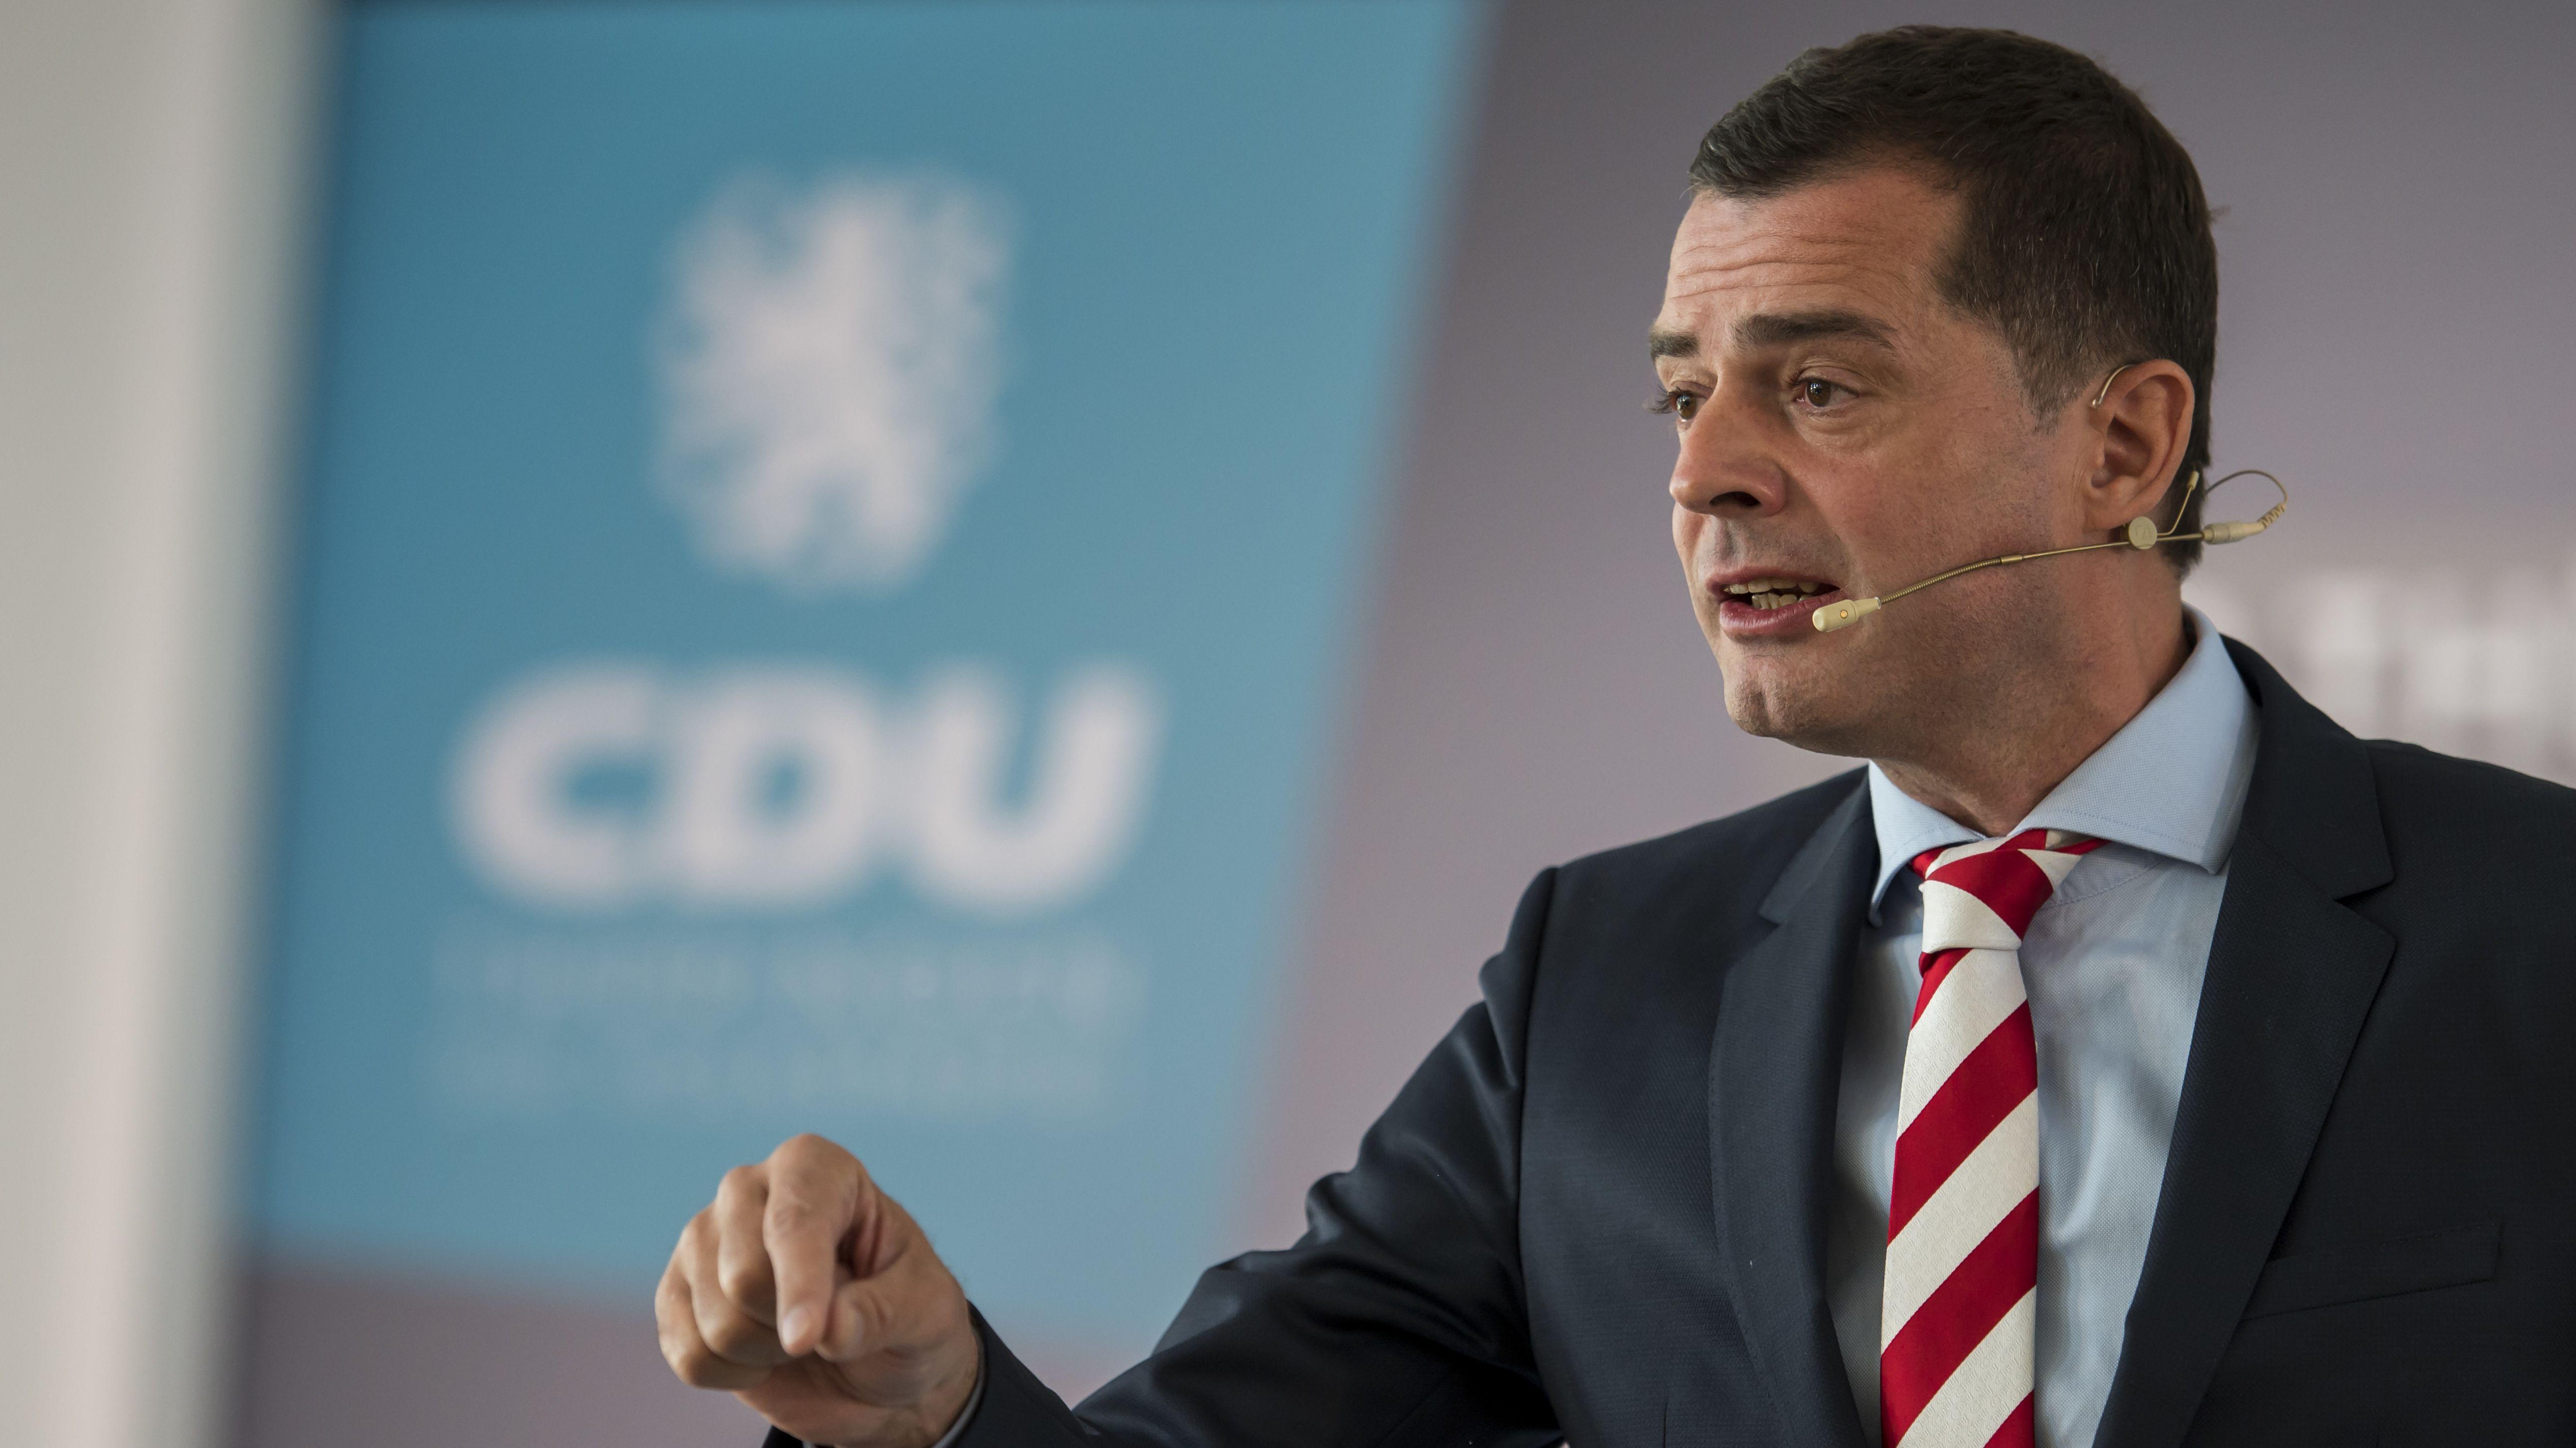 Der Thüringer CDU-Landesvorsitzende Mike Mohring Mitte September bei seiner Rede auf dem Thüringer CDU-Landesparteitag.